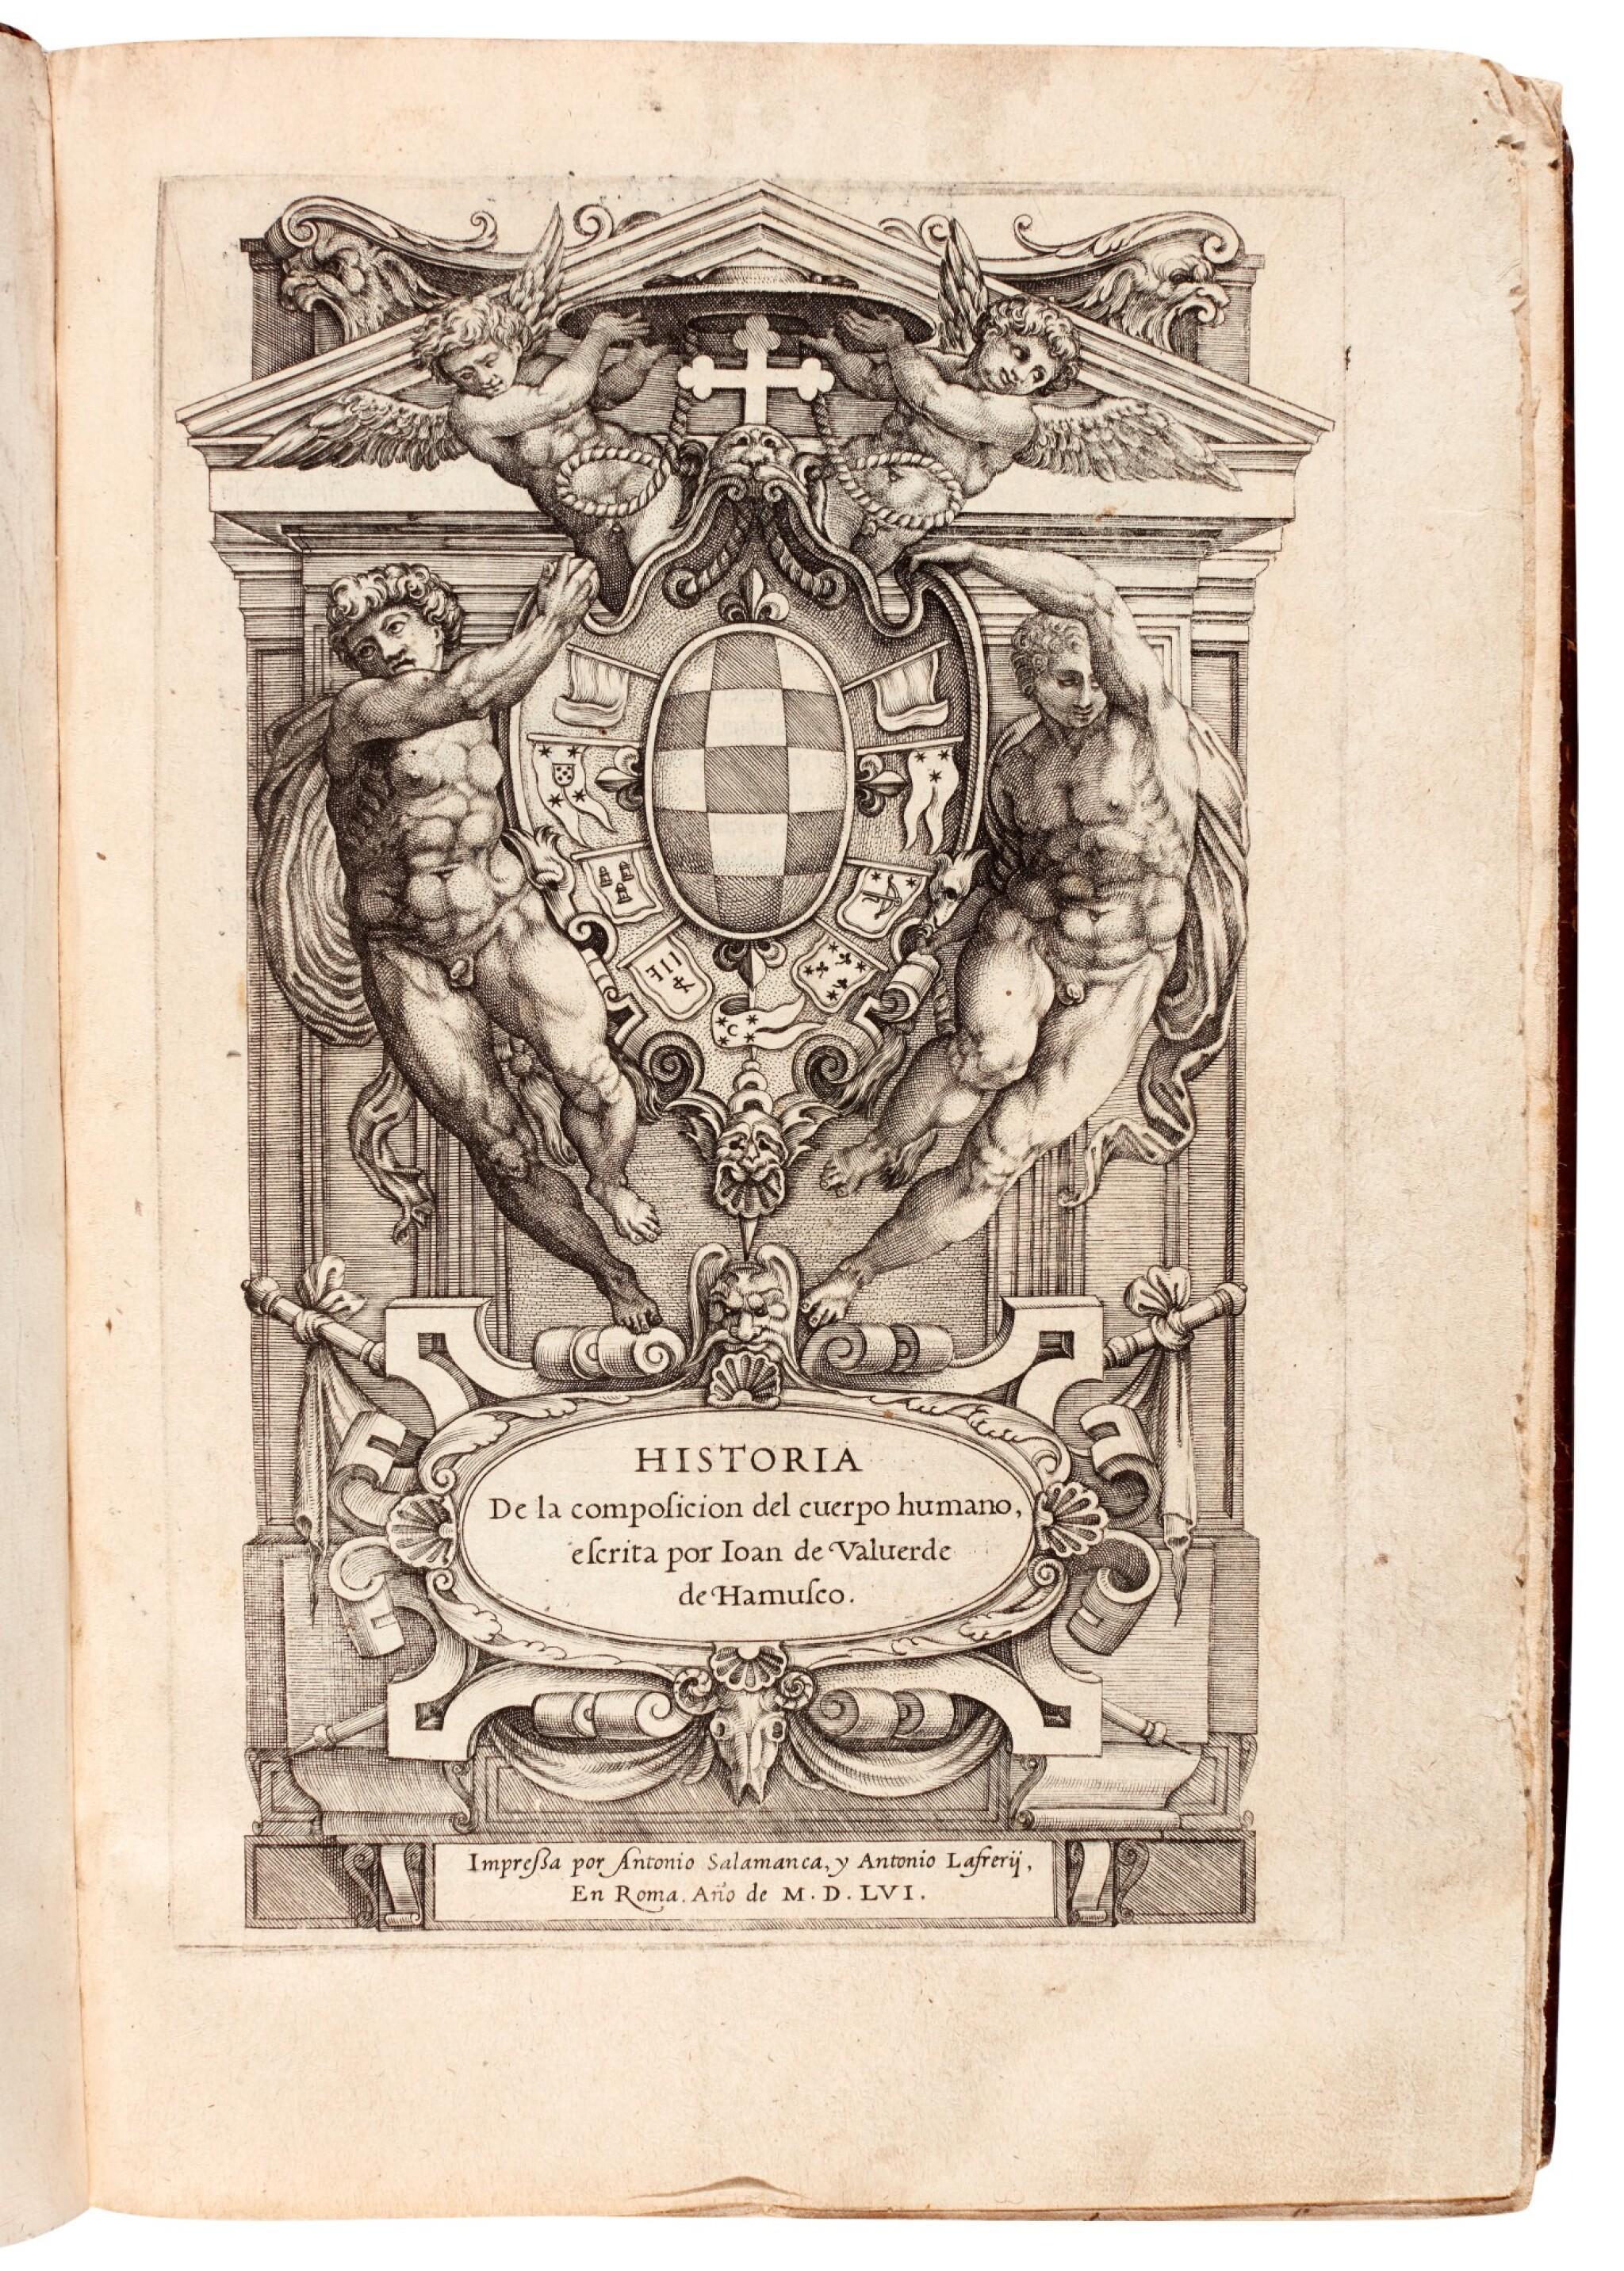 View full screen - View 1 of Lot 54. Valverde de Amusco | Historia de la composicion del cuerpo humano, Rome, 1556, later calf.